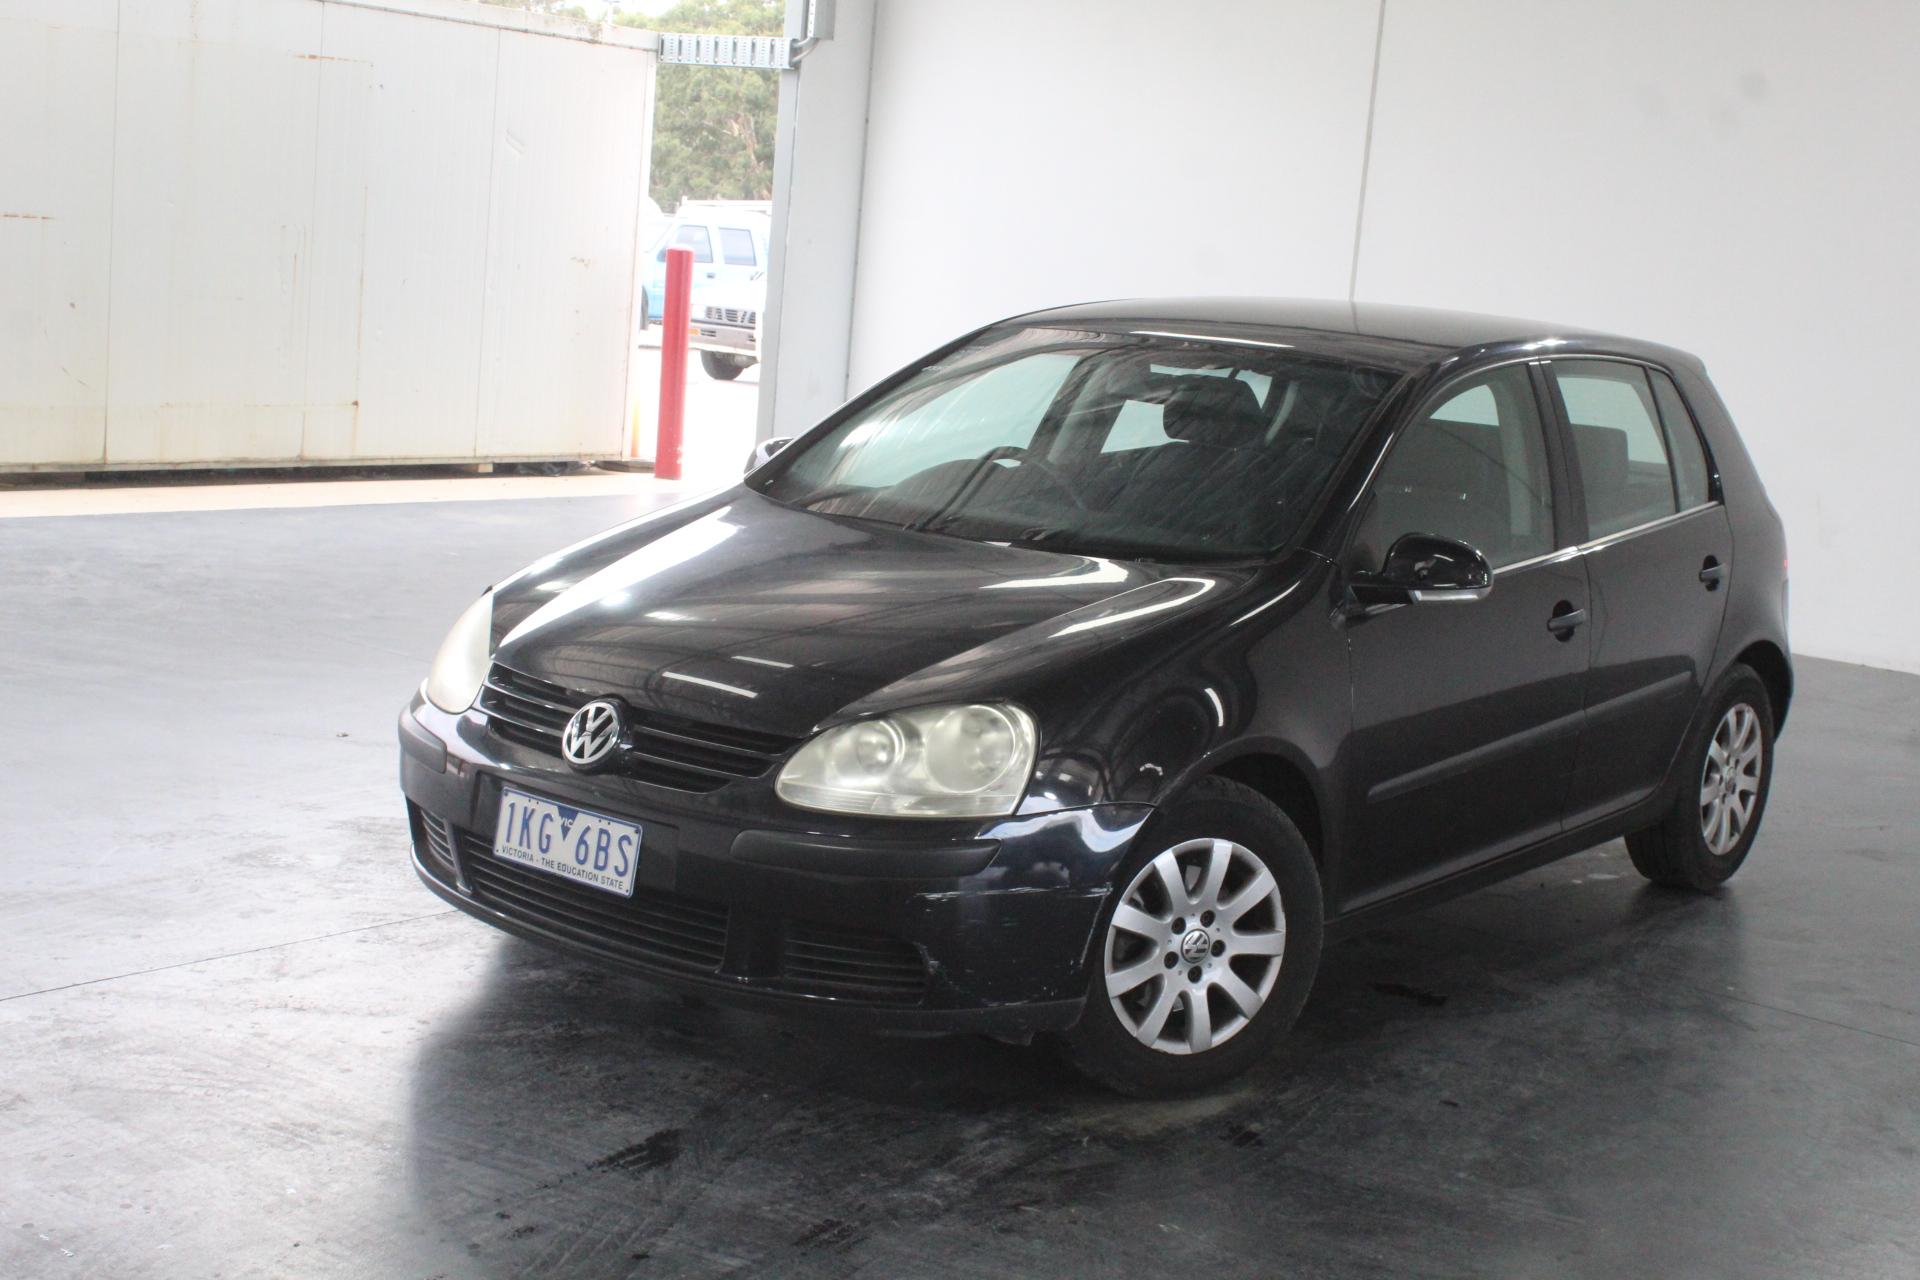 2005 Volkswagen Golf 1.9 TDI Trendline 1k Turbo Diesel Automatic Hatchback